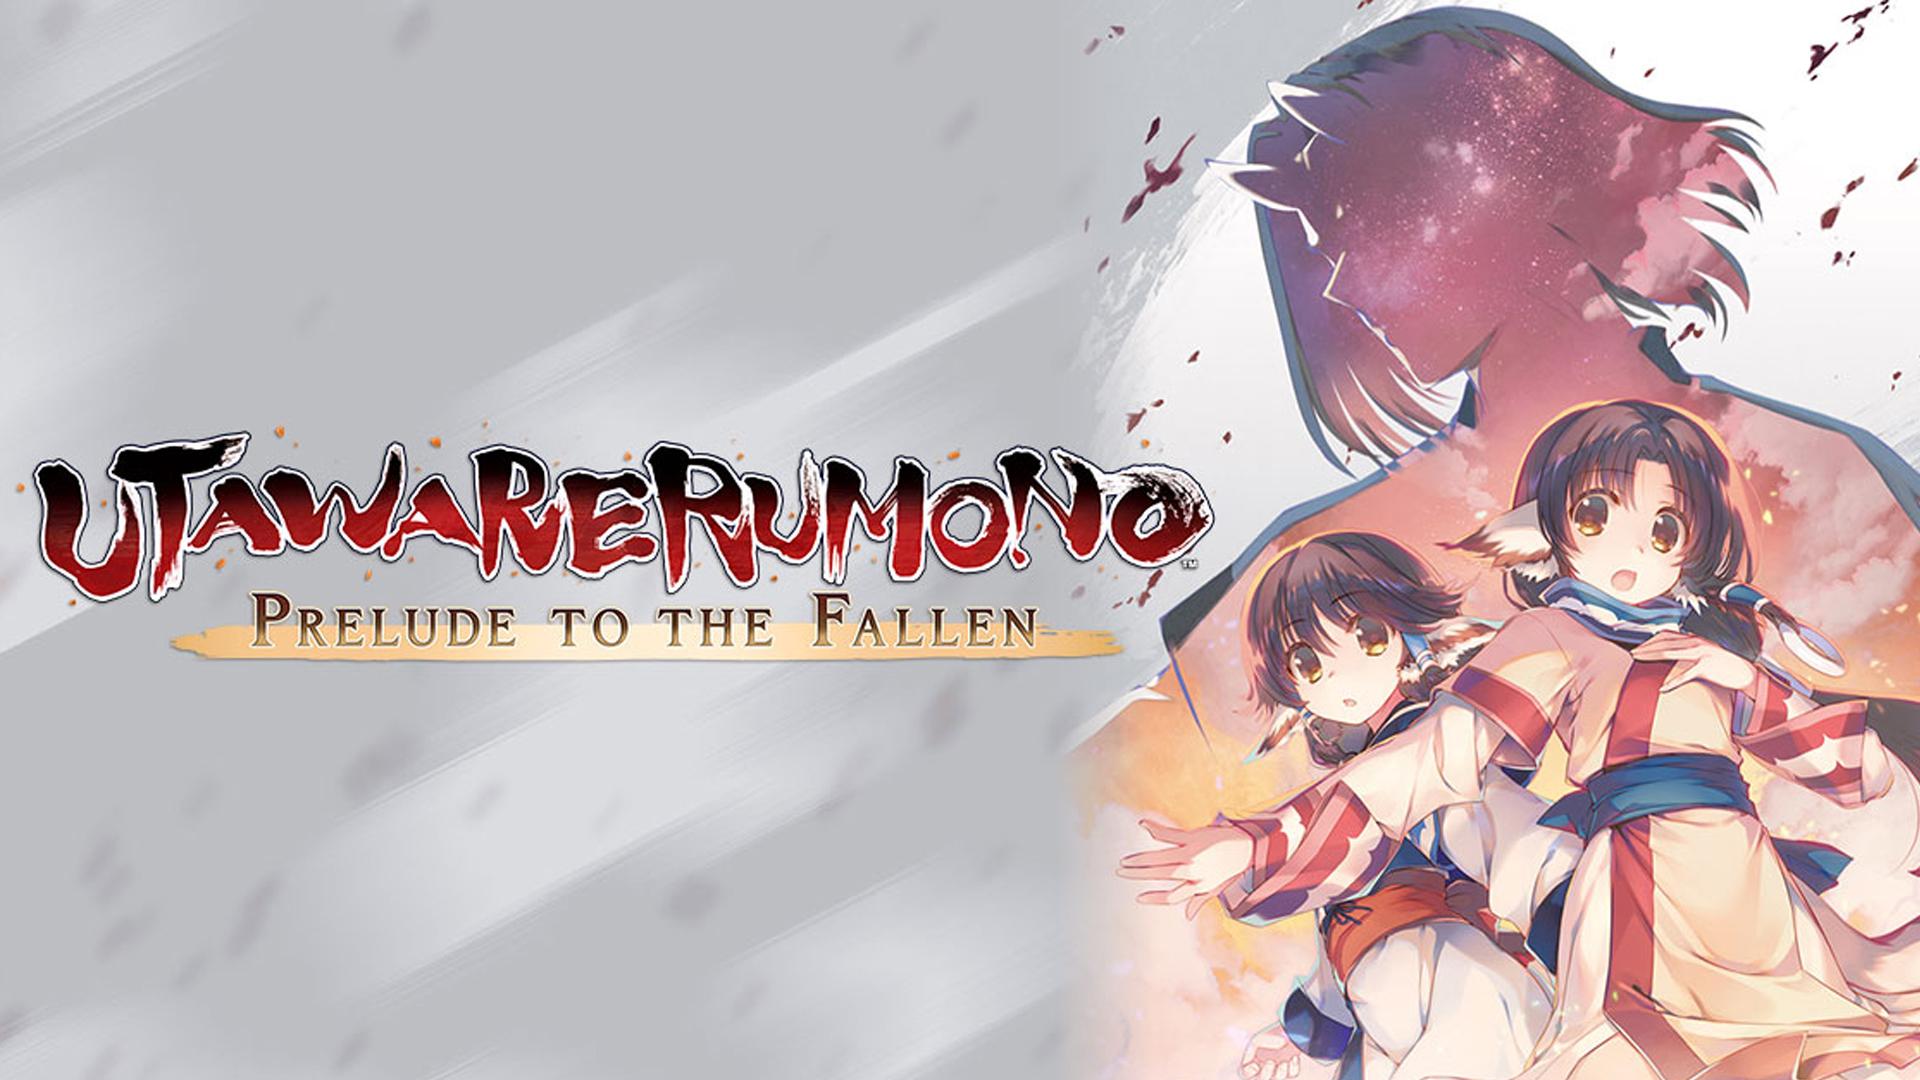 Обьявлена дата релиза Utawarerumono: Prelude to the Fallen